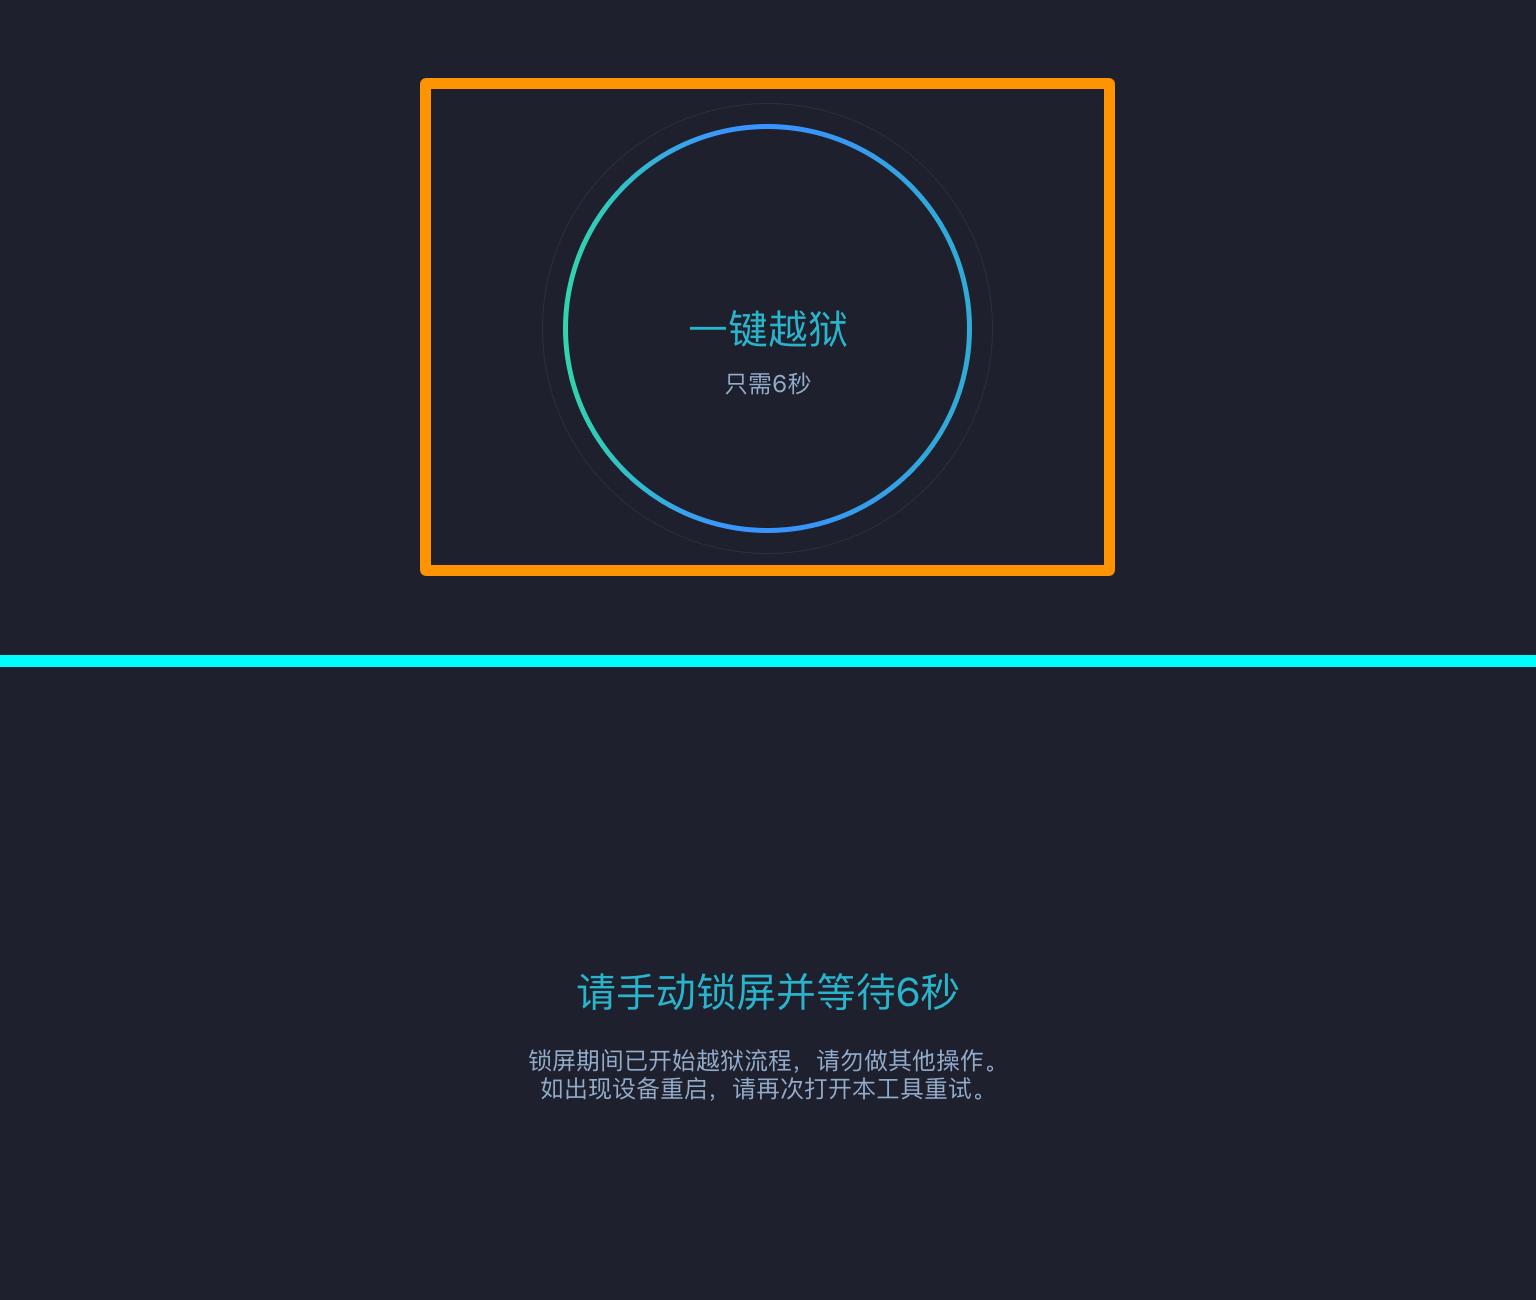 PP Pangu app tap on circle